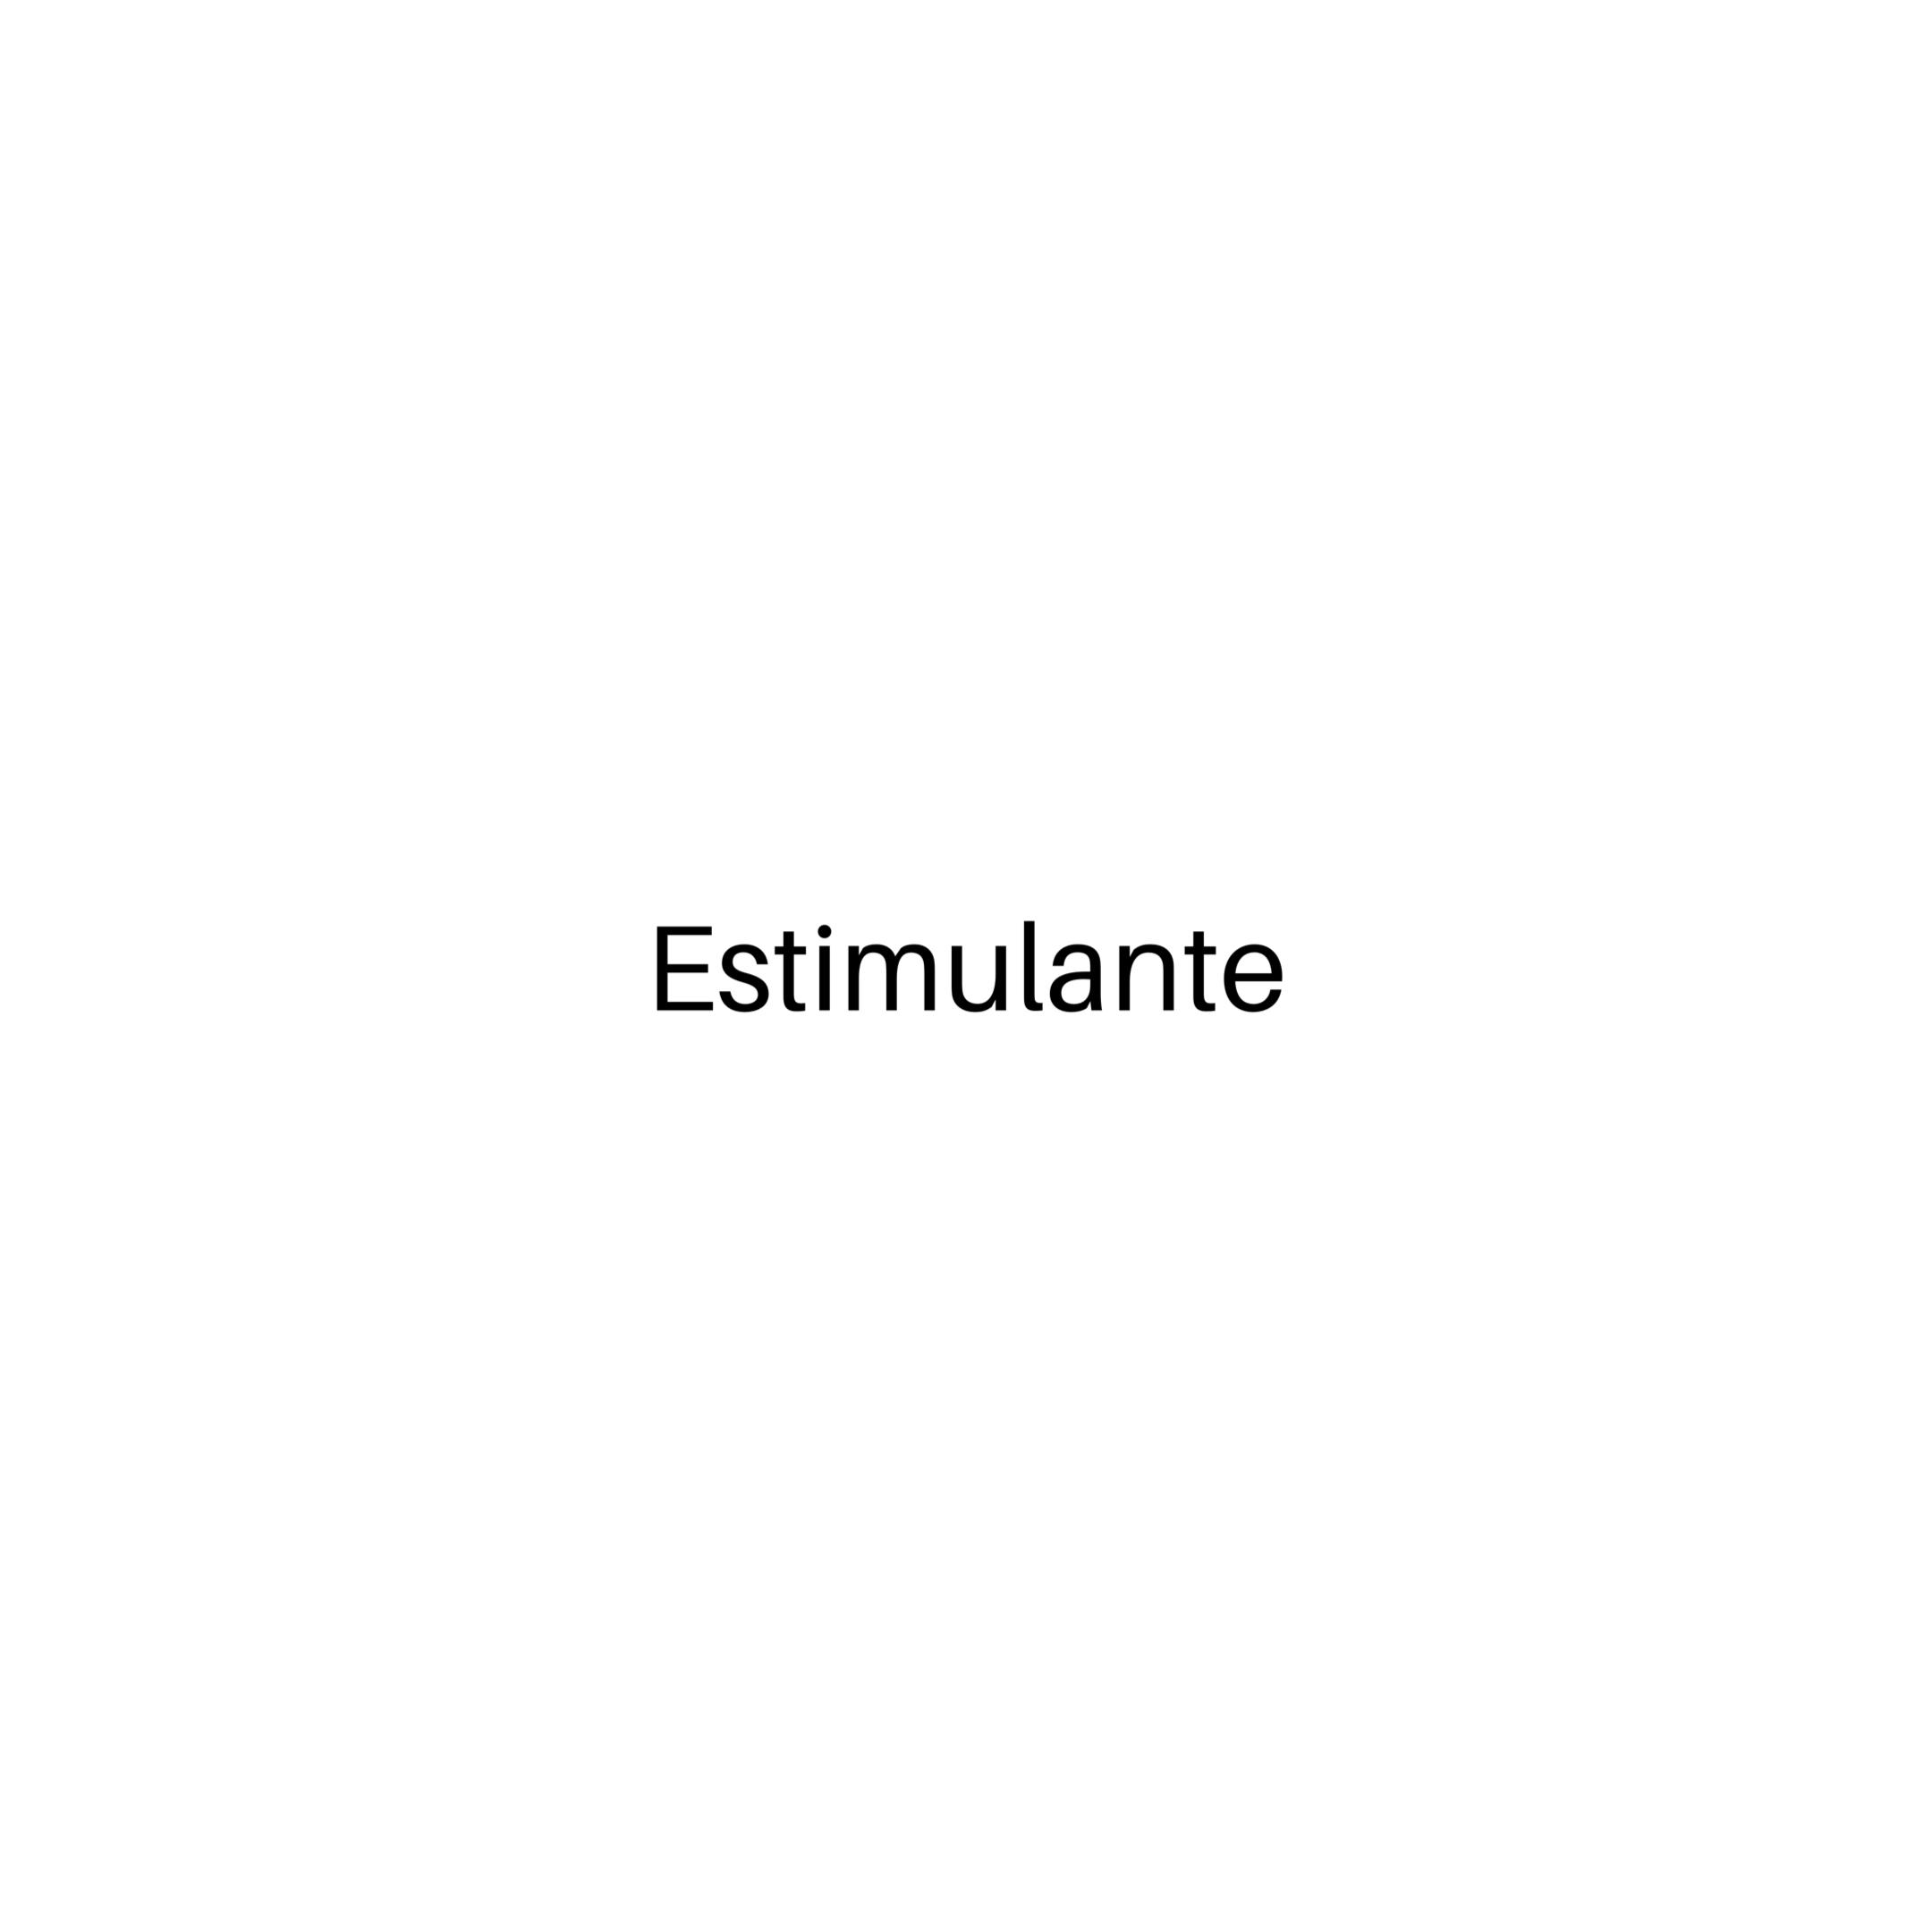 ESTIMULANTE